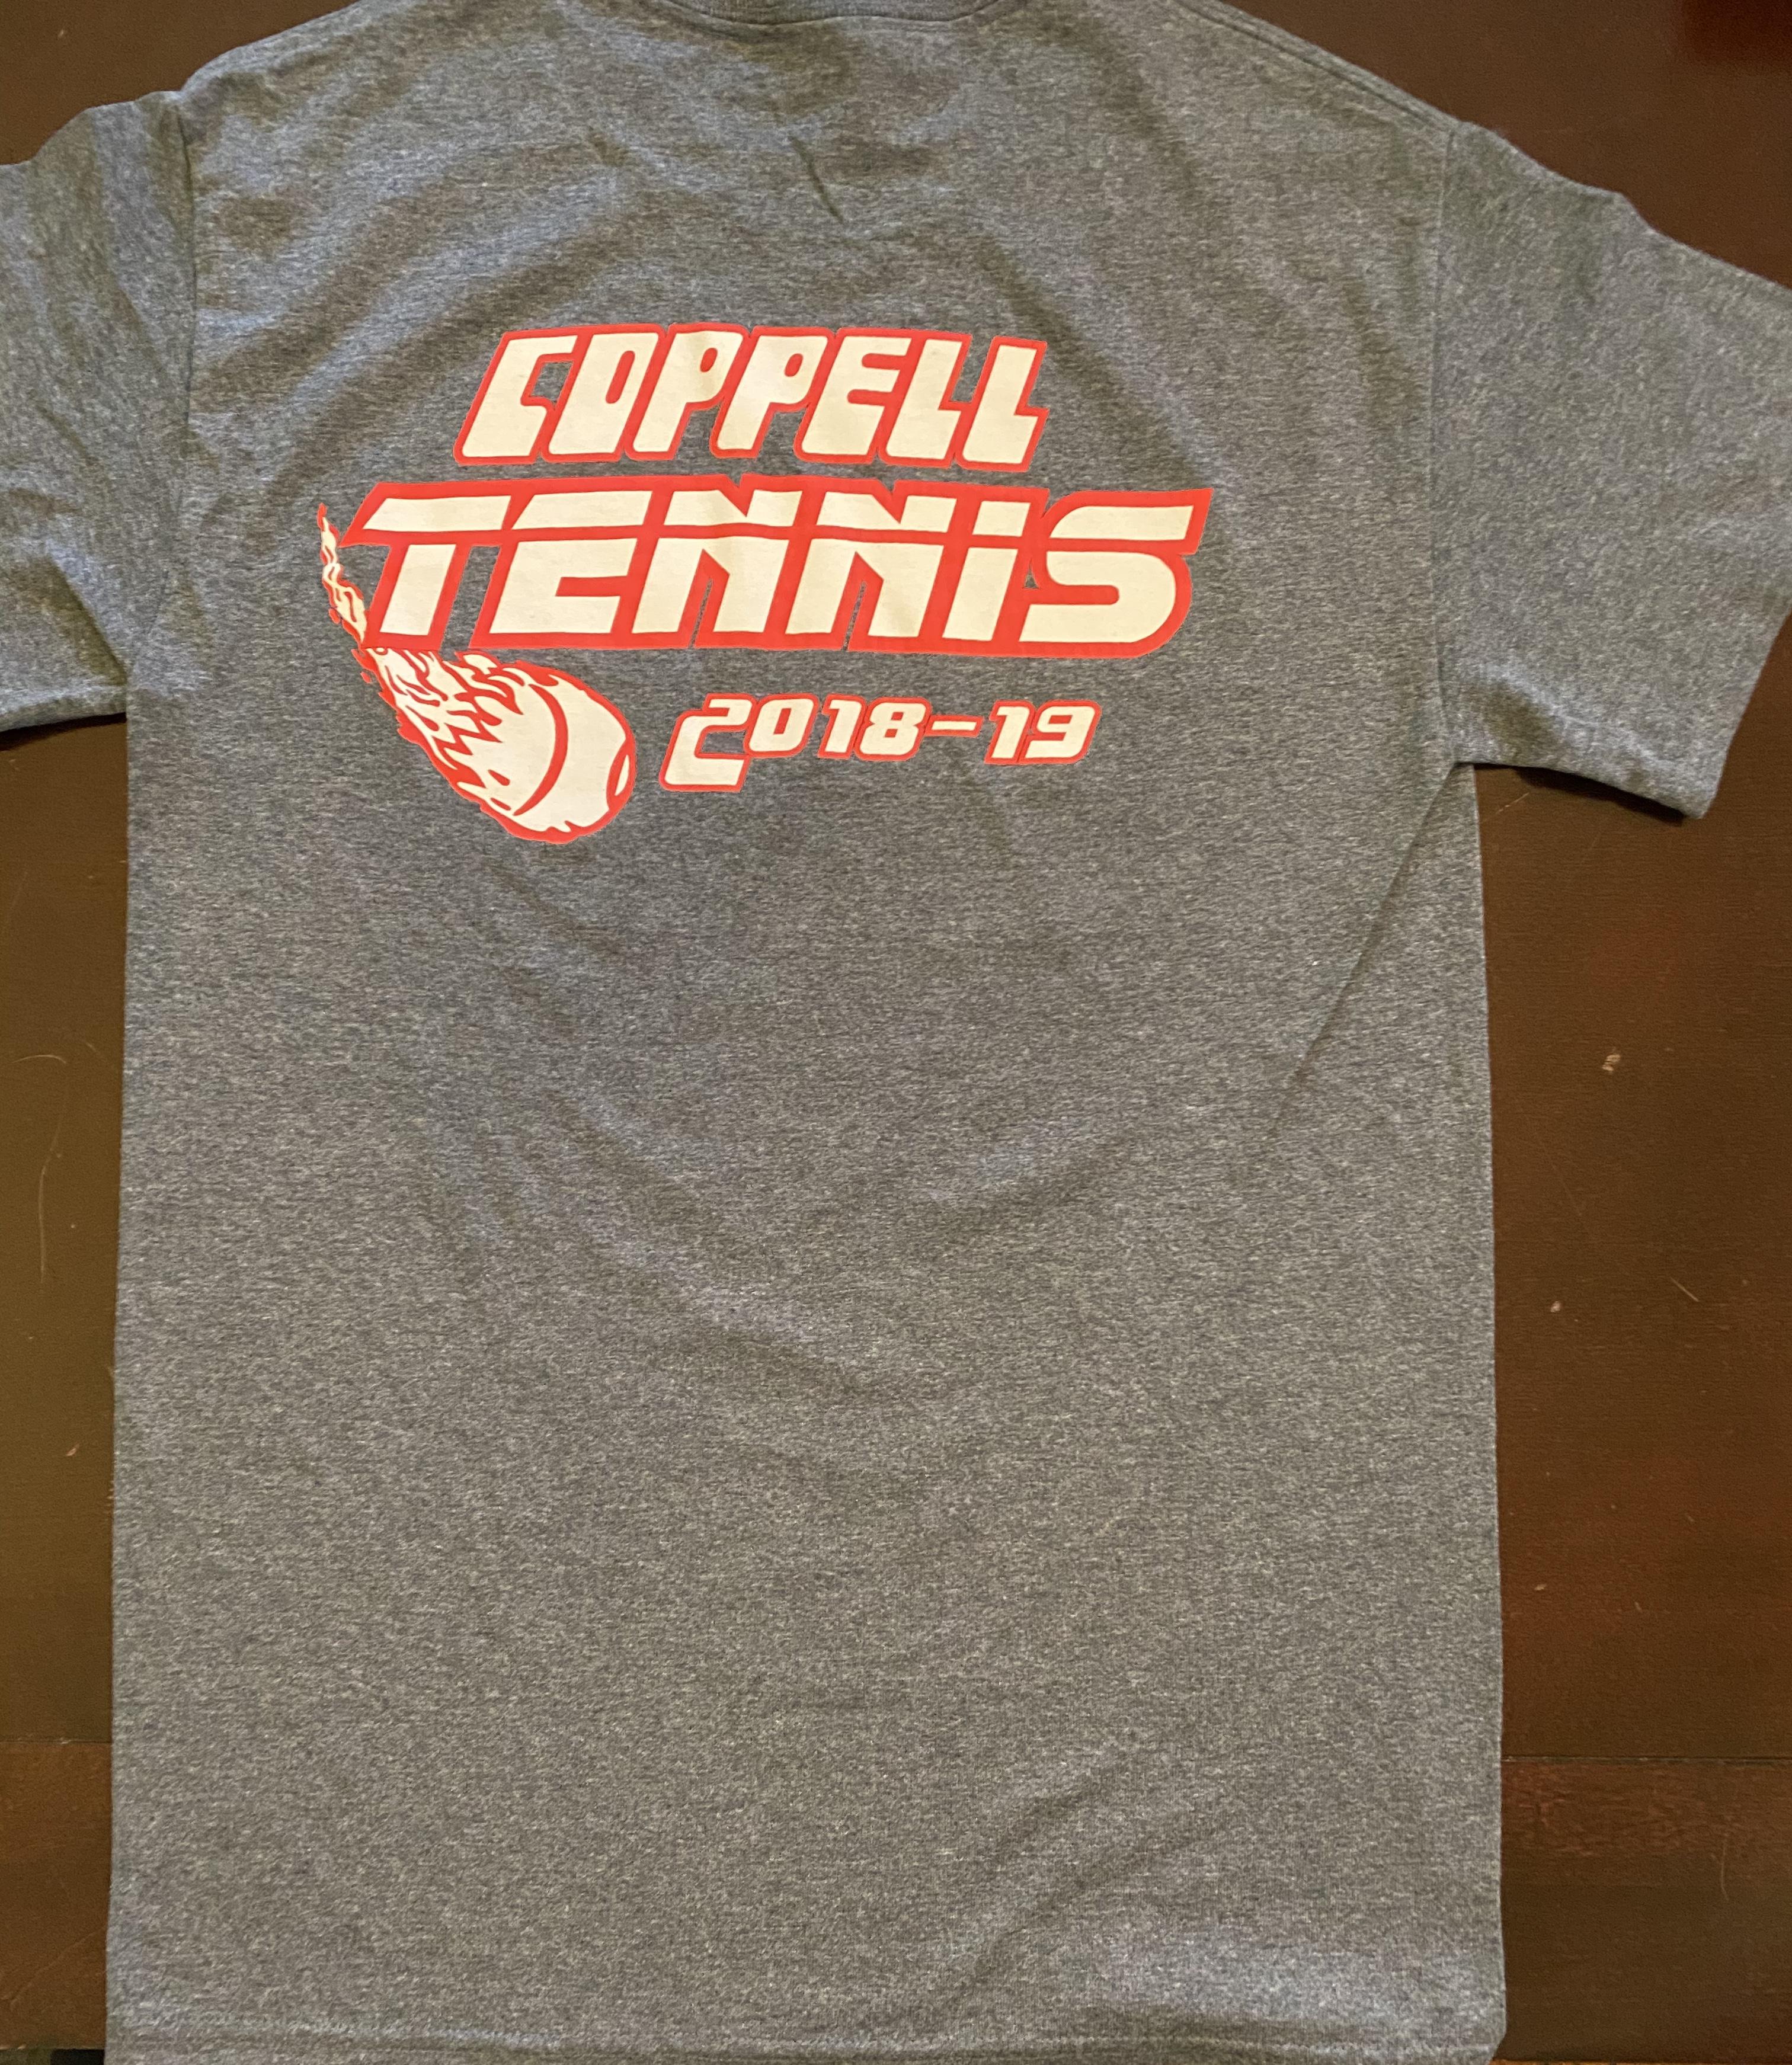 2018-2019 Dark Grey Coppell Tennis Cotton T-Shirt